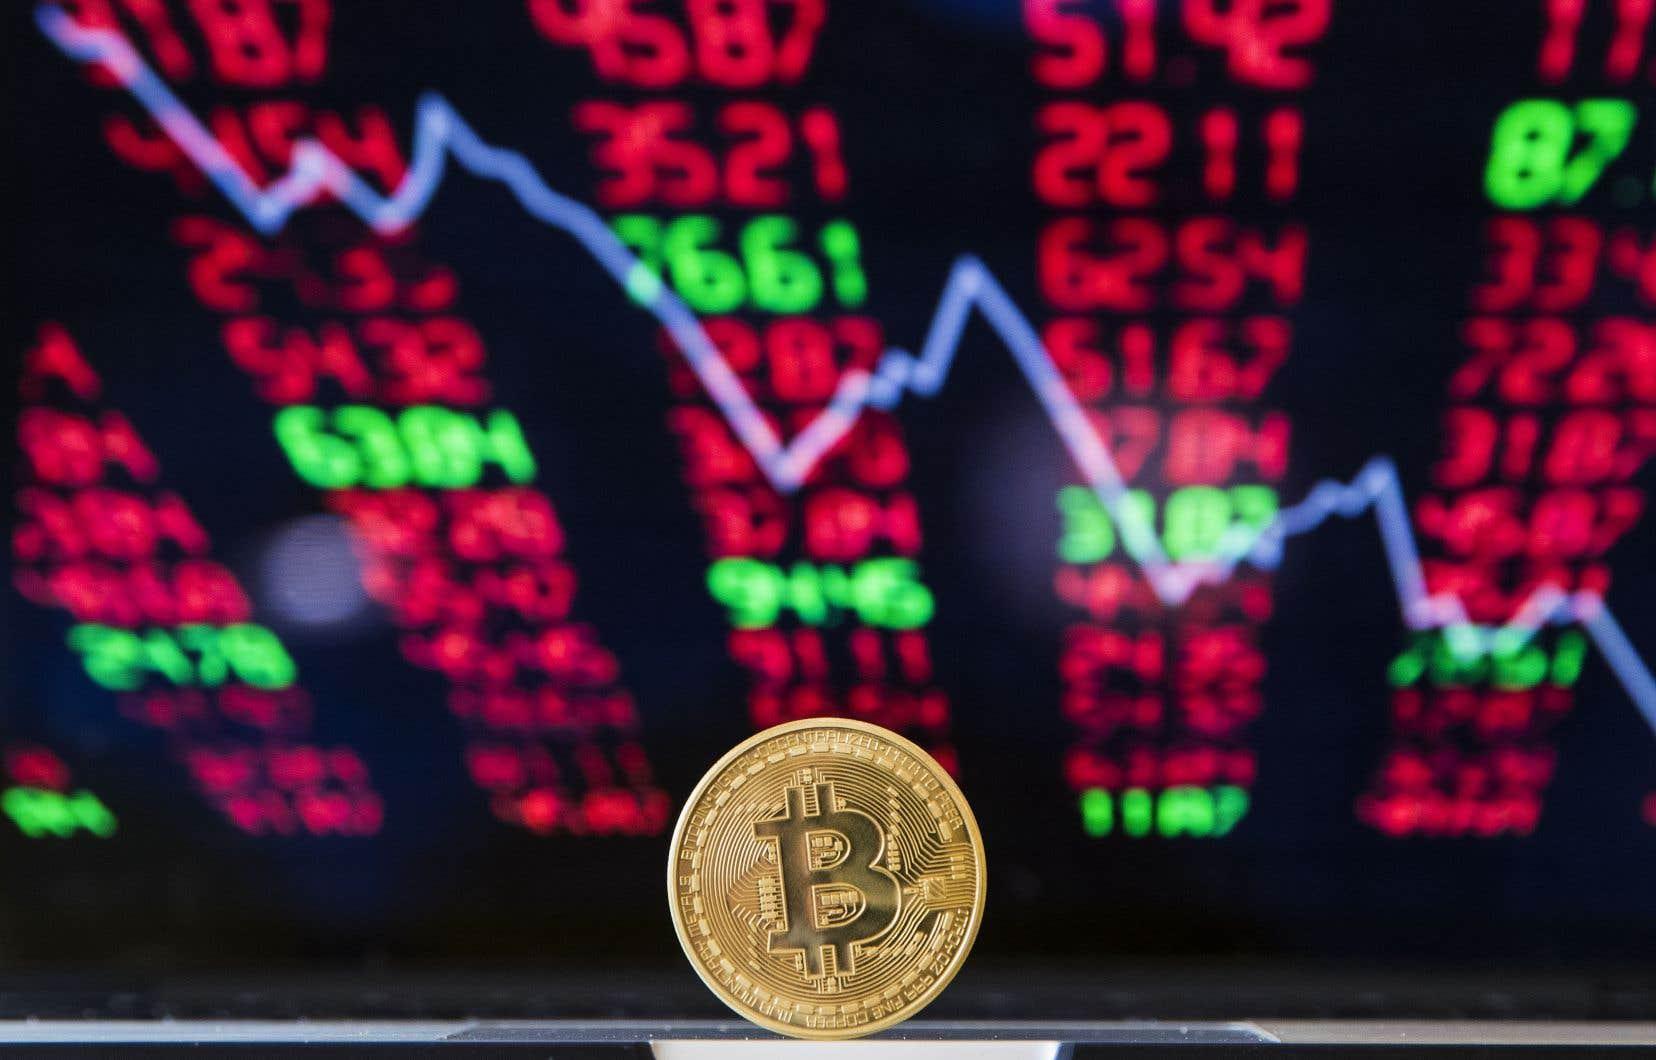 Selon Agustin Carstens, la volatilité des cryptomonnaies mine leur utilité pour les transactions et comme unité de valeur, pendant qu'elle ouvre un boulevard aux criminels pour blanchir l'argent sale.